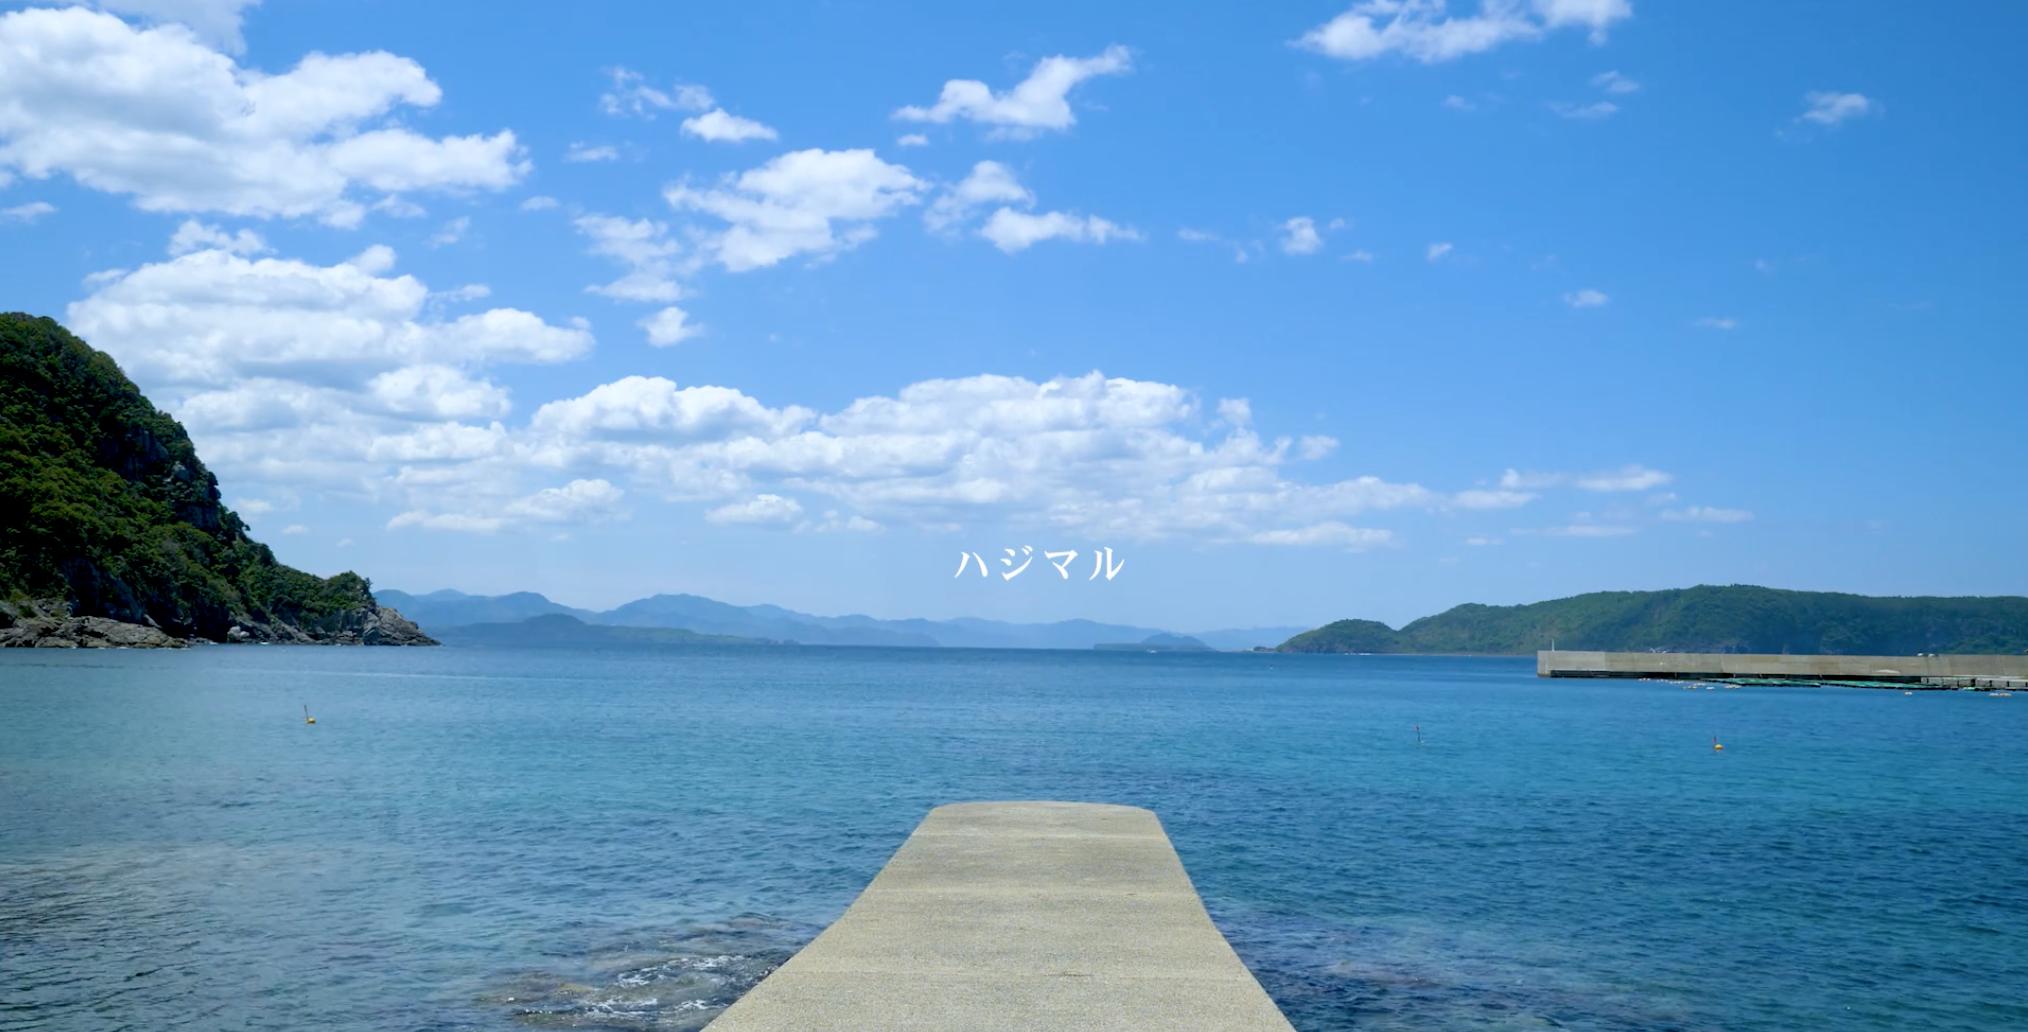 スクリーンショット 2019-06-24 16.41.45